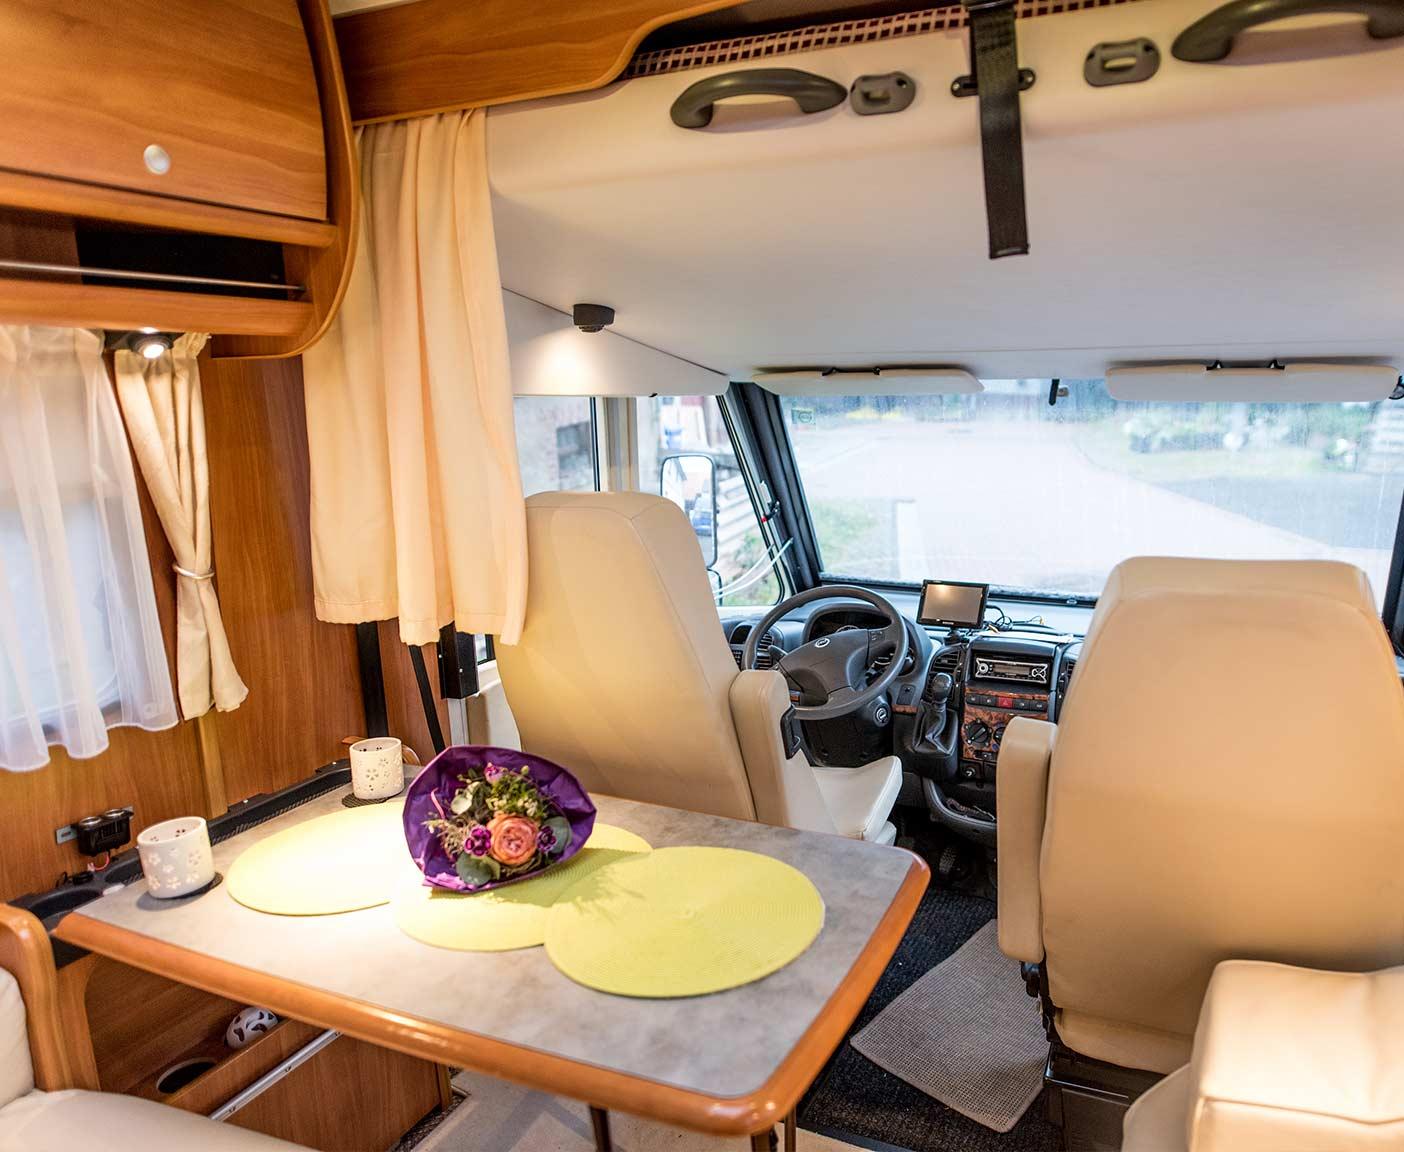 Wohnmobil von innen Fahrerkabine, Vermieter werden bei PaulCamper